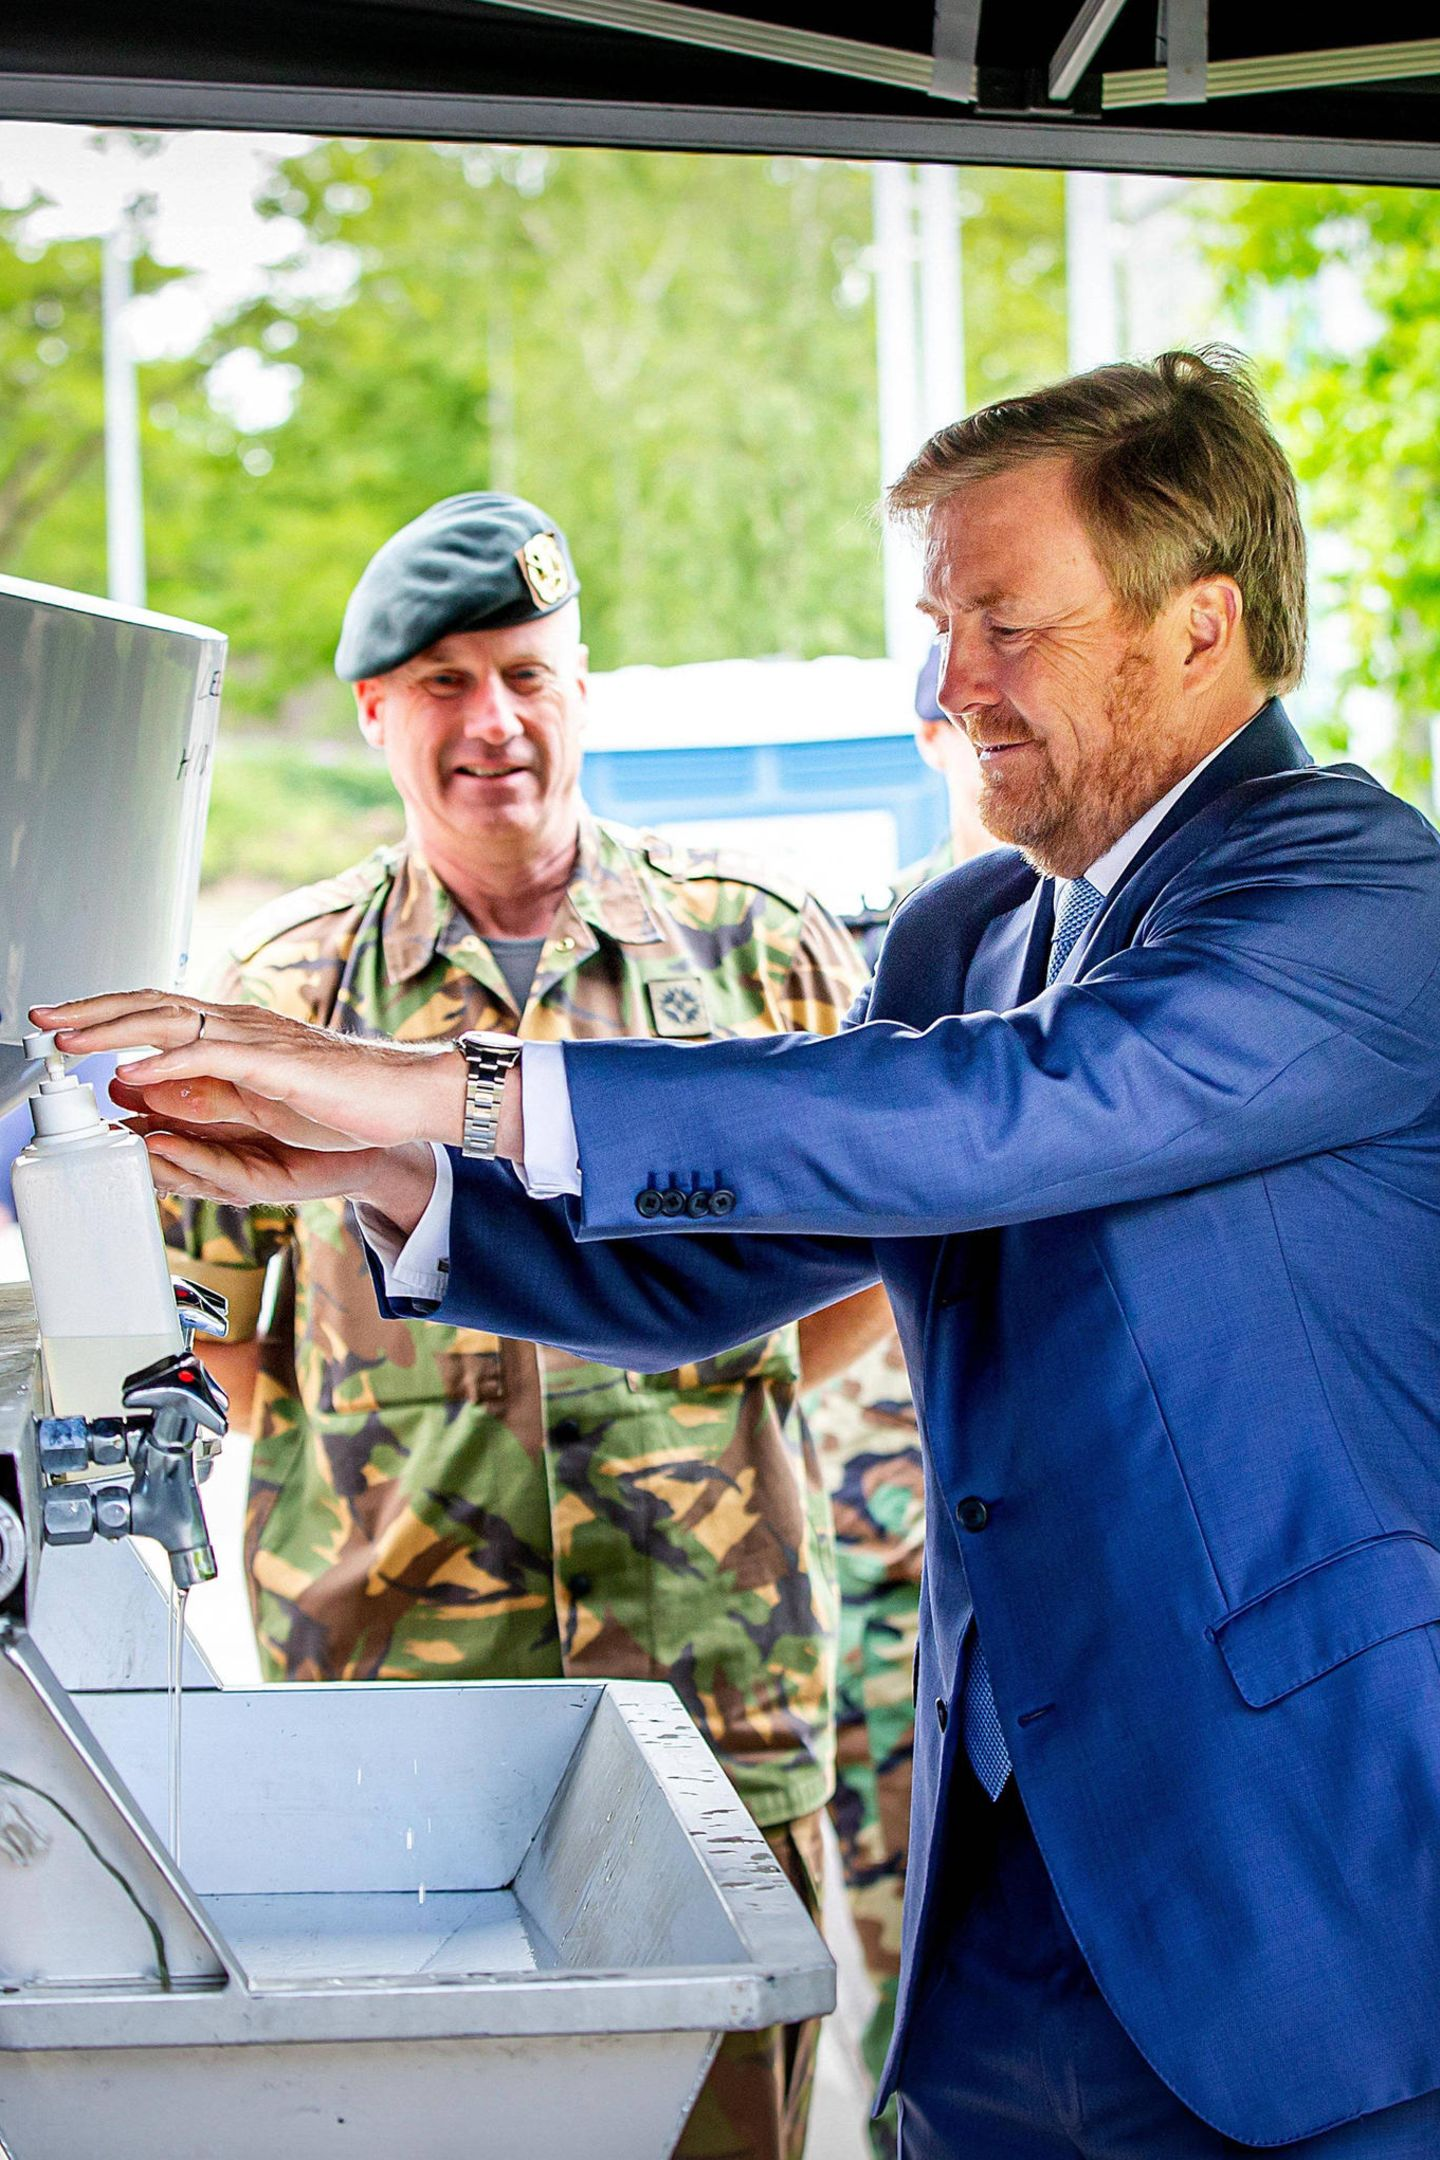 13. Mai 2020  König Willem-Alexander wäscht sich während eines Besuchs im Territorial Operations Center (TOC) der Bernhard-Kaserne in Amersfoort die Hände.Aufgrund des Coronavirus erweitert das Königliche Heer seine Aufgaben und unterstützt verschiedene zivile Projekte.